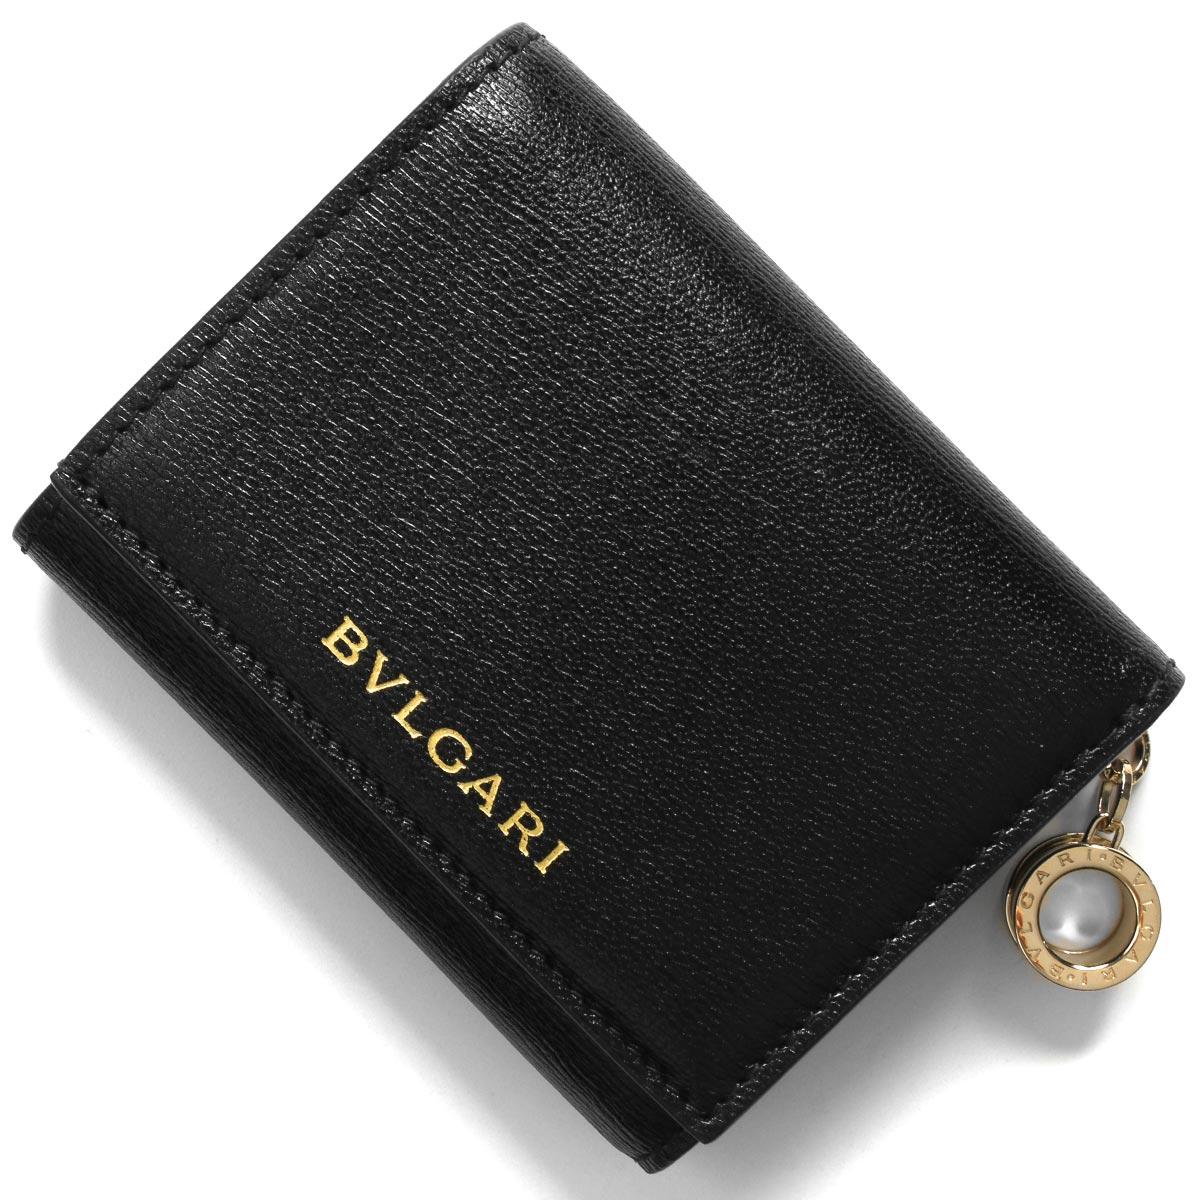 ブルガリ 三つ折り財布/ミニ財布 財布 レディース ビー ゼロワン ブラック 289145 2020年春夏新作 BVLGARI